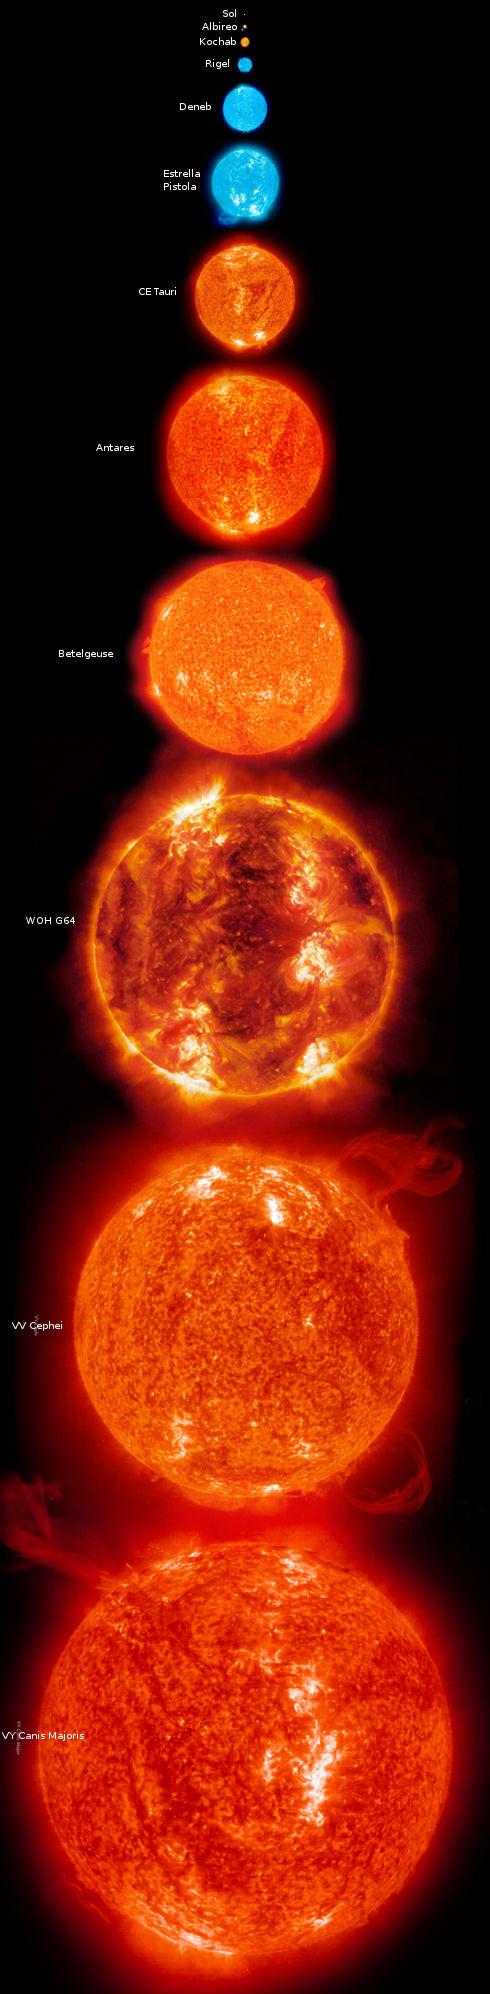 Tamaño del Sol en comparación con las mayores estrellas conocidas